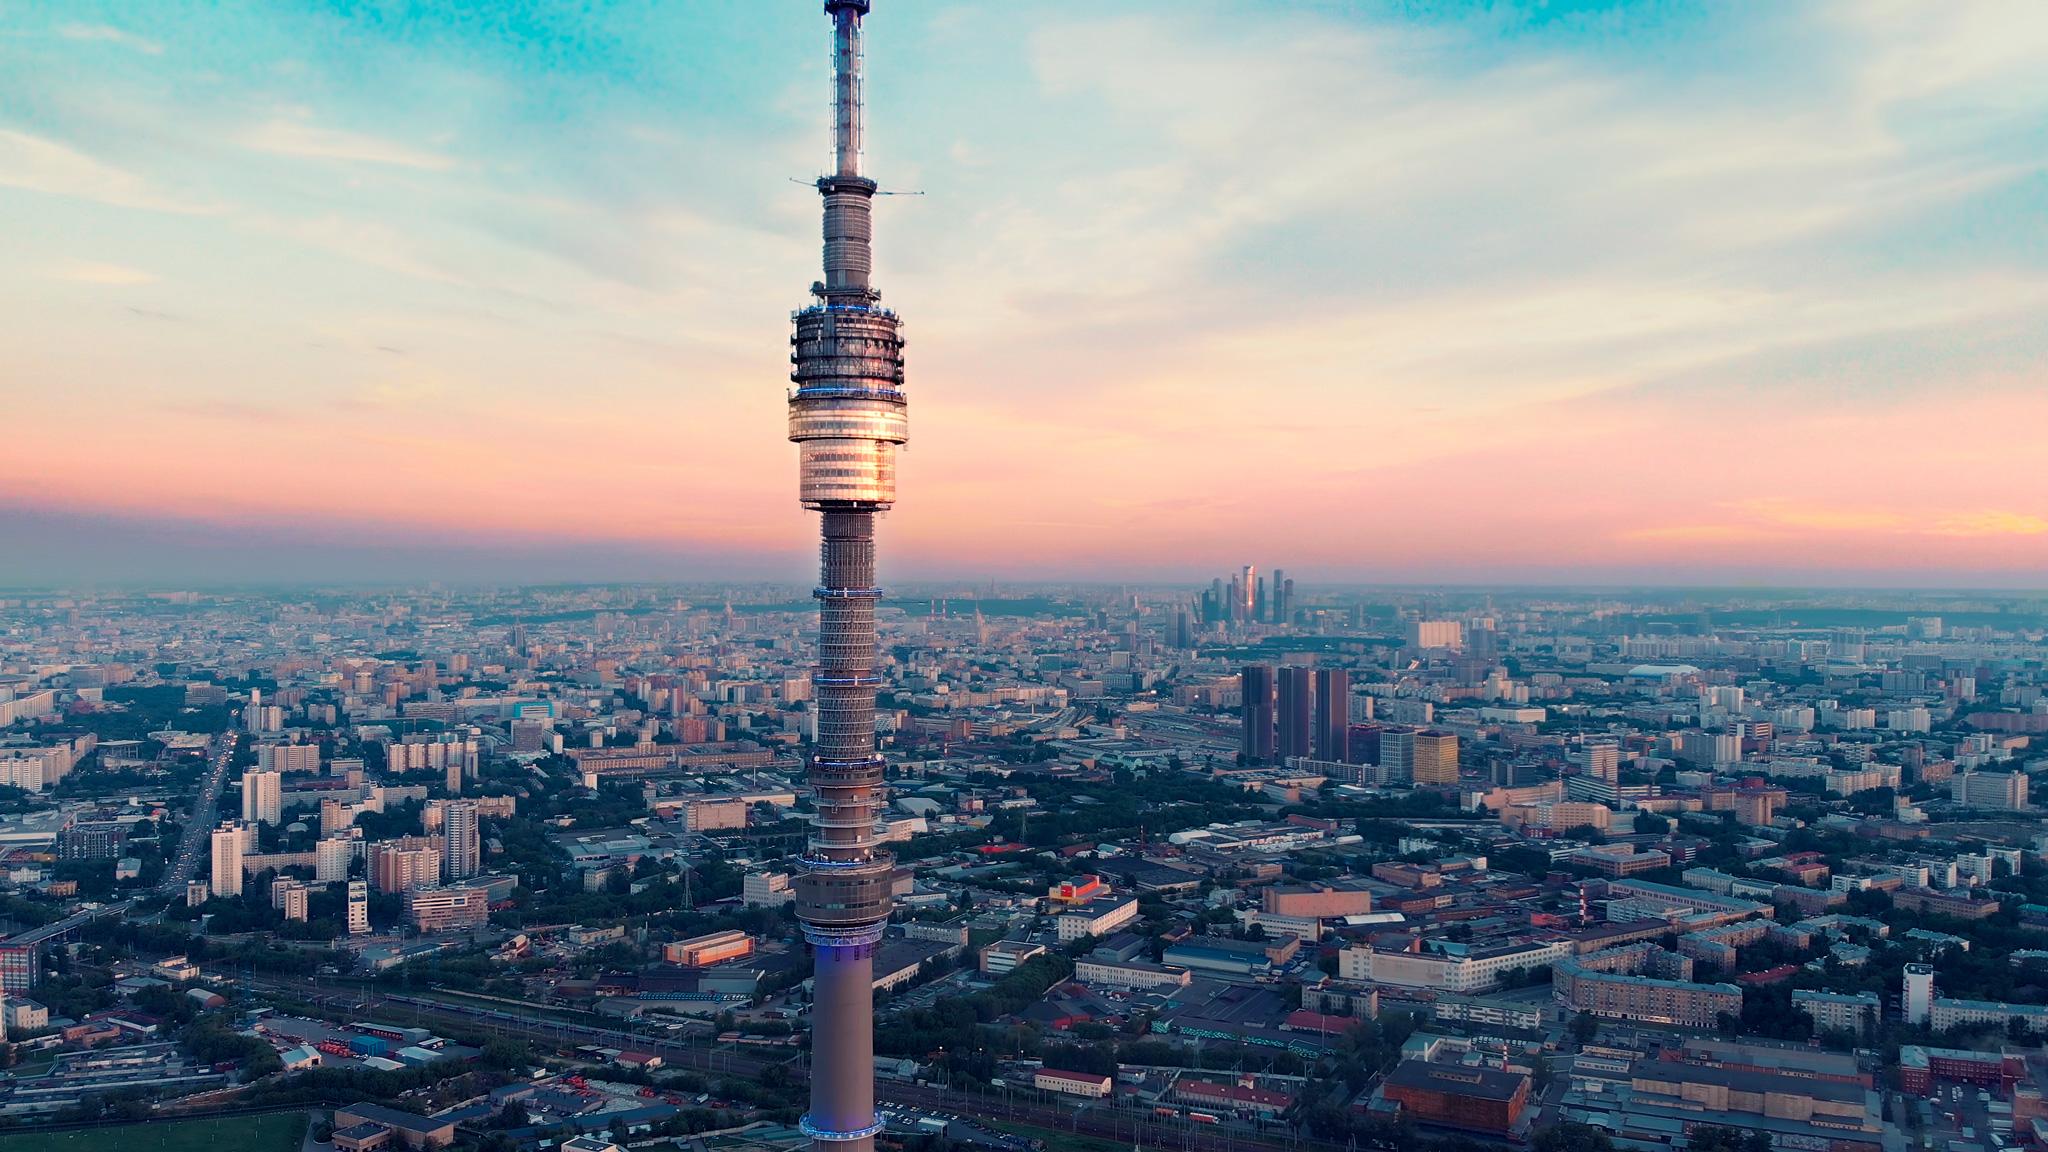 «Первый канал» задолжал «Останкино» более миллиарда рублей